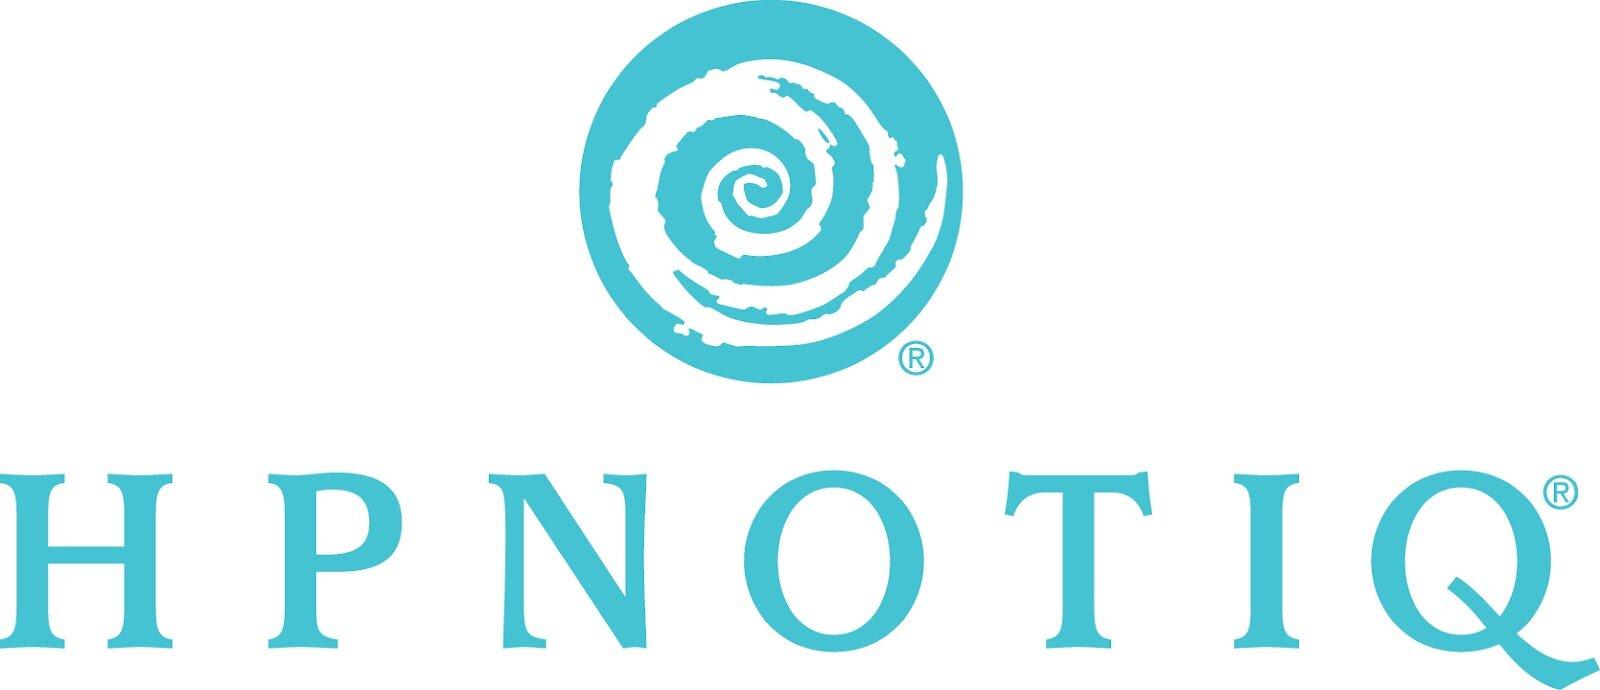 Hpnotiq-logo-1.jpg